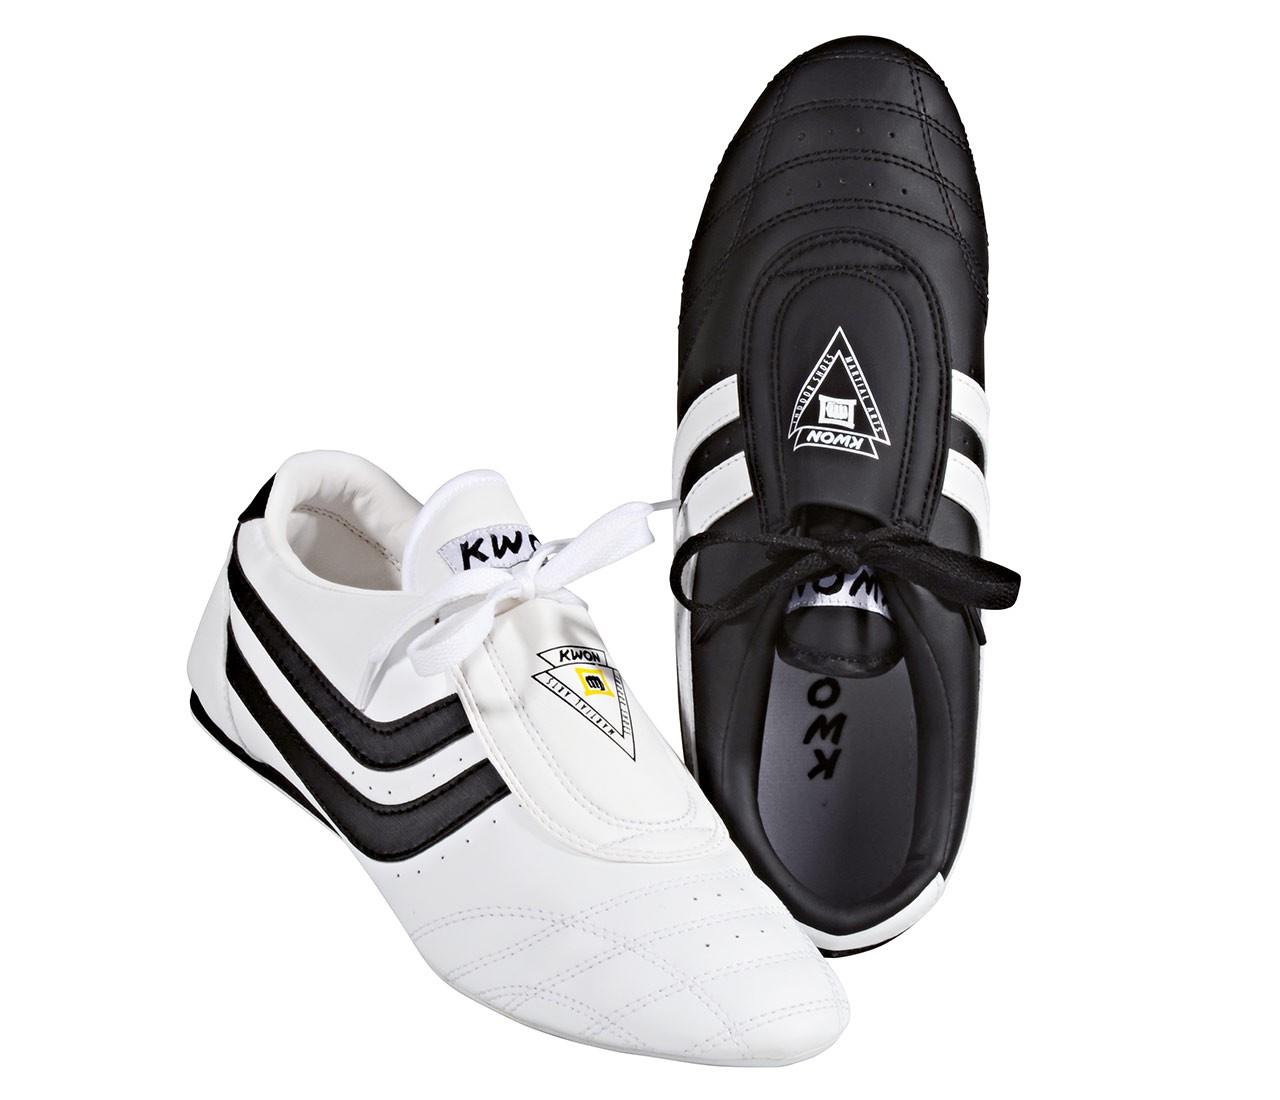 KWON Chosun Plus Schuhe